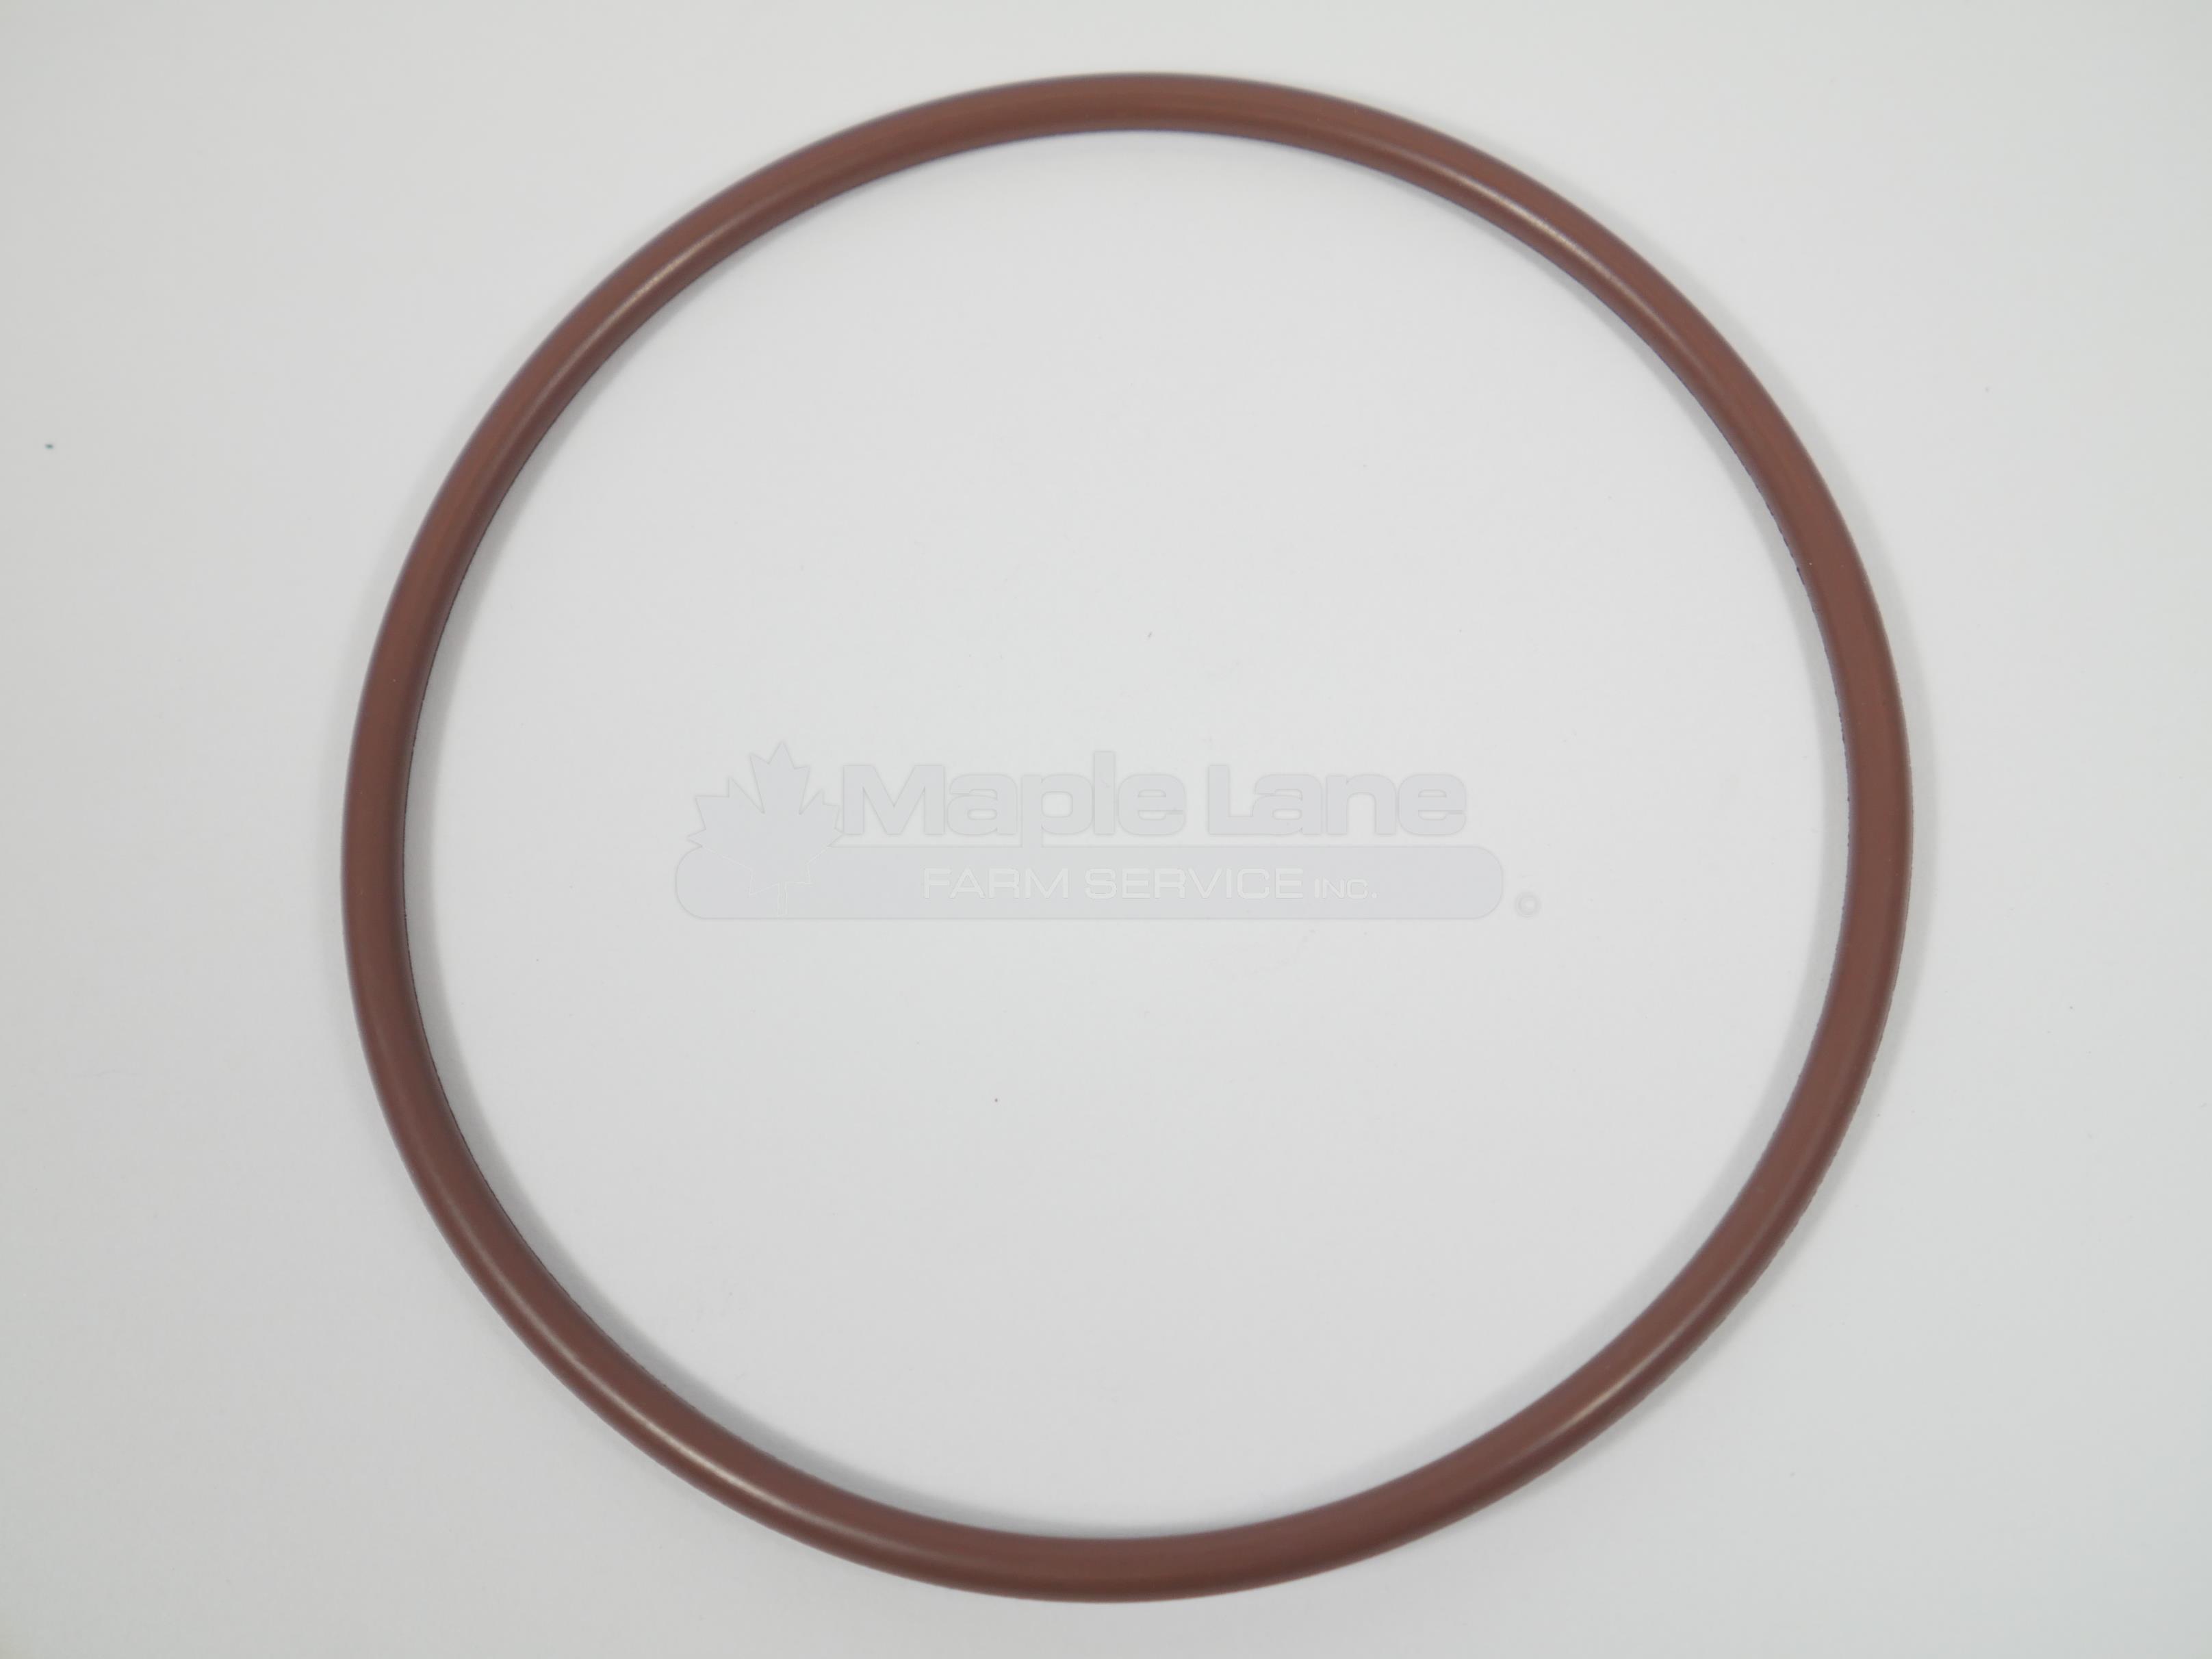 242351 Viton O-Ring 69.5 x 3.0